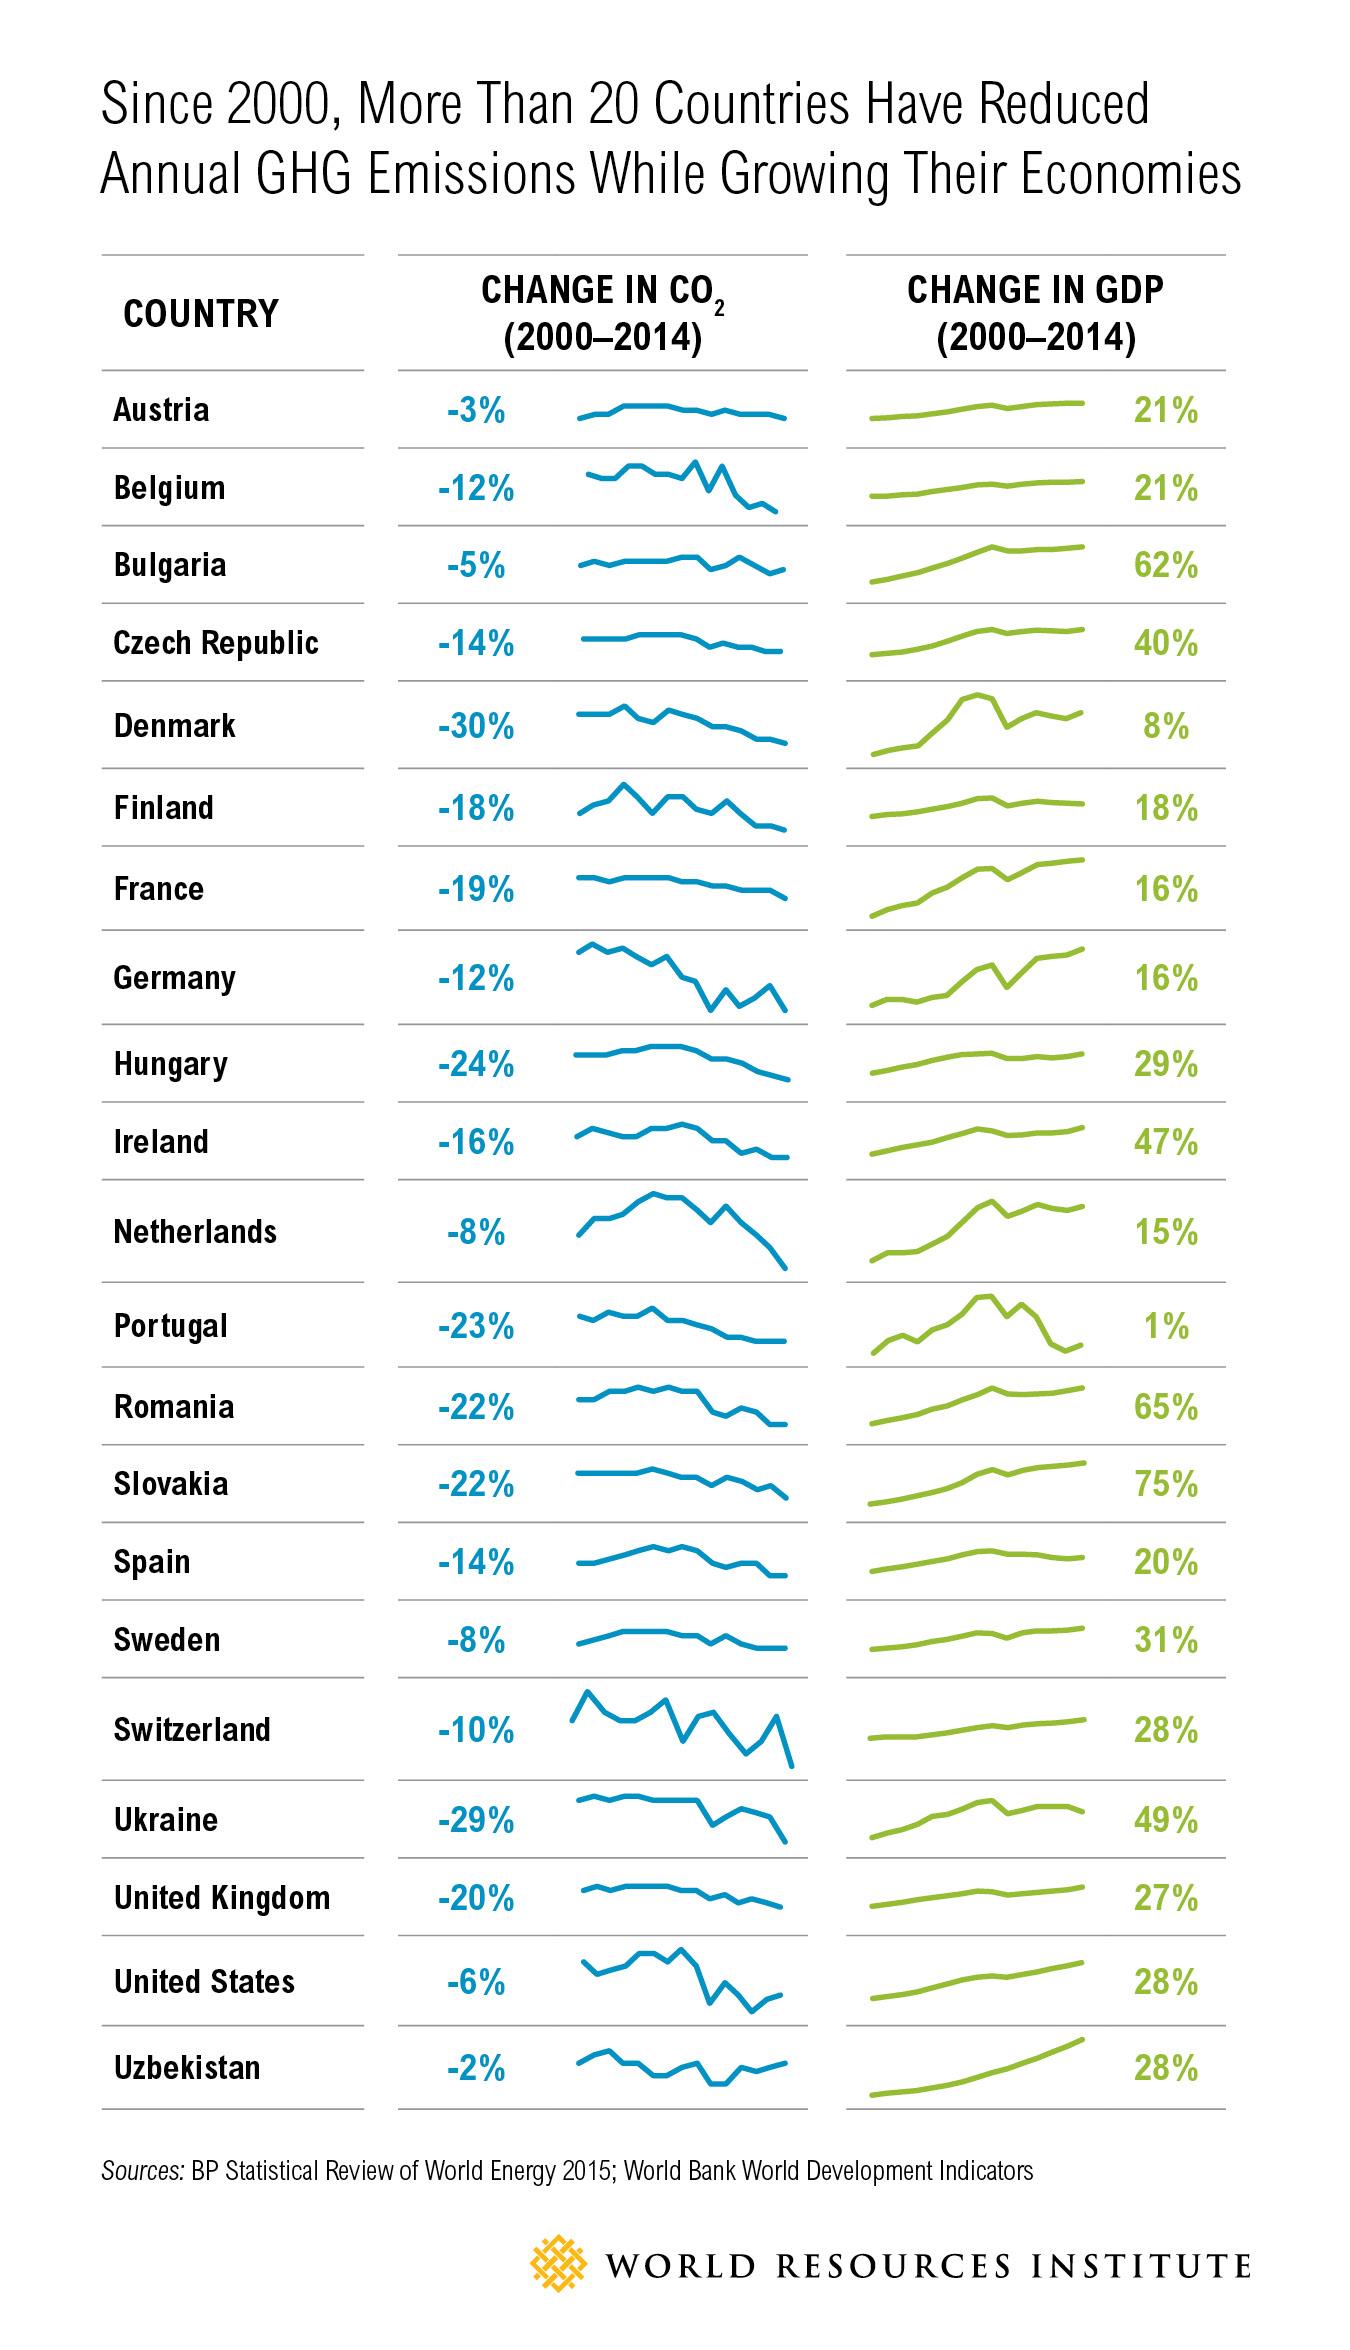 Los países pueden crecer economicamente reduciendo las emisiones de gases de efecto invernadero